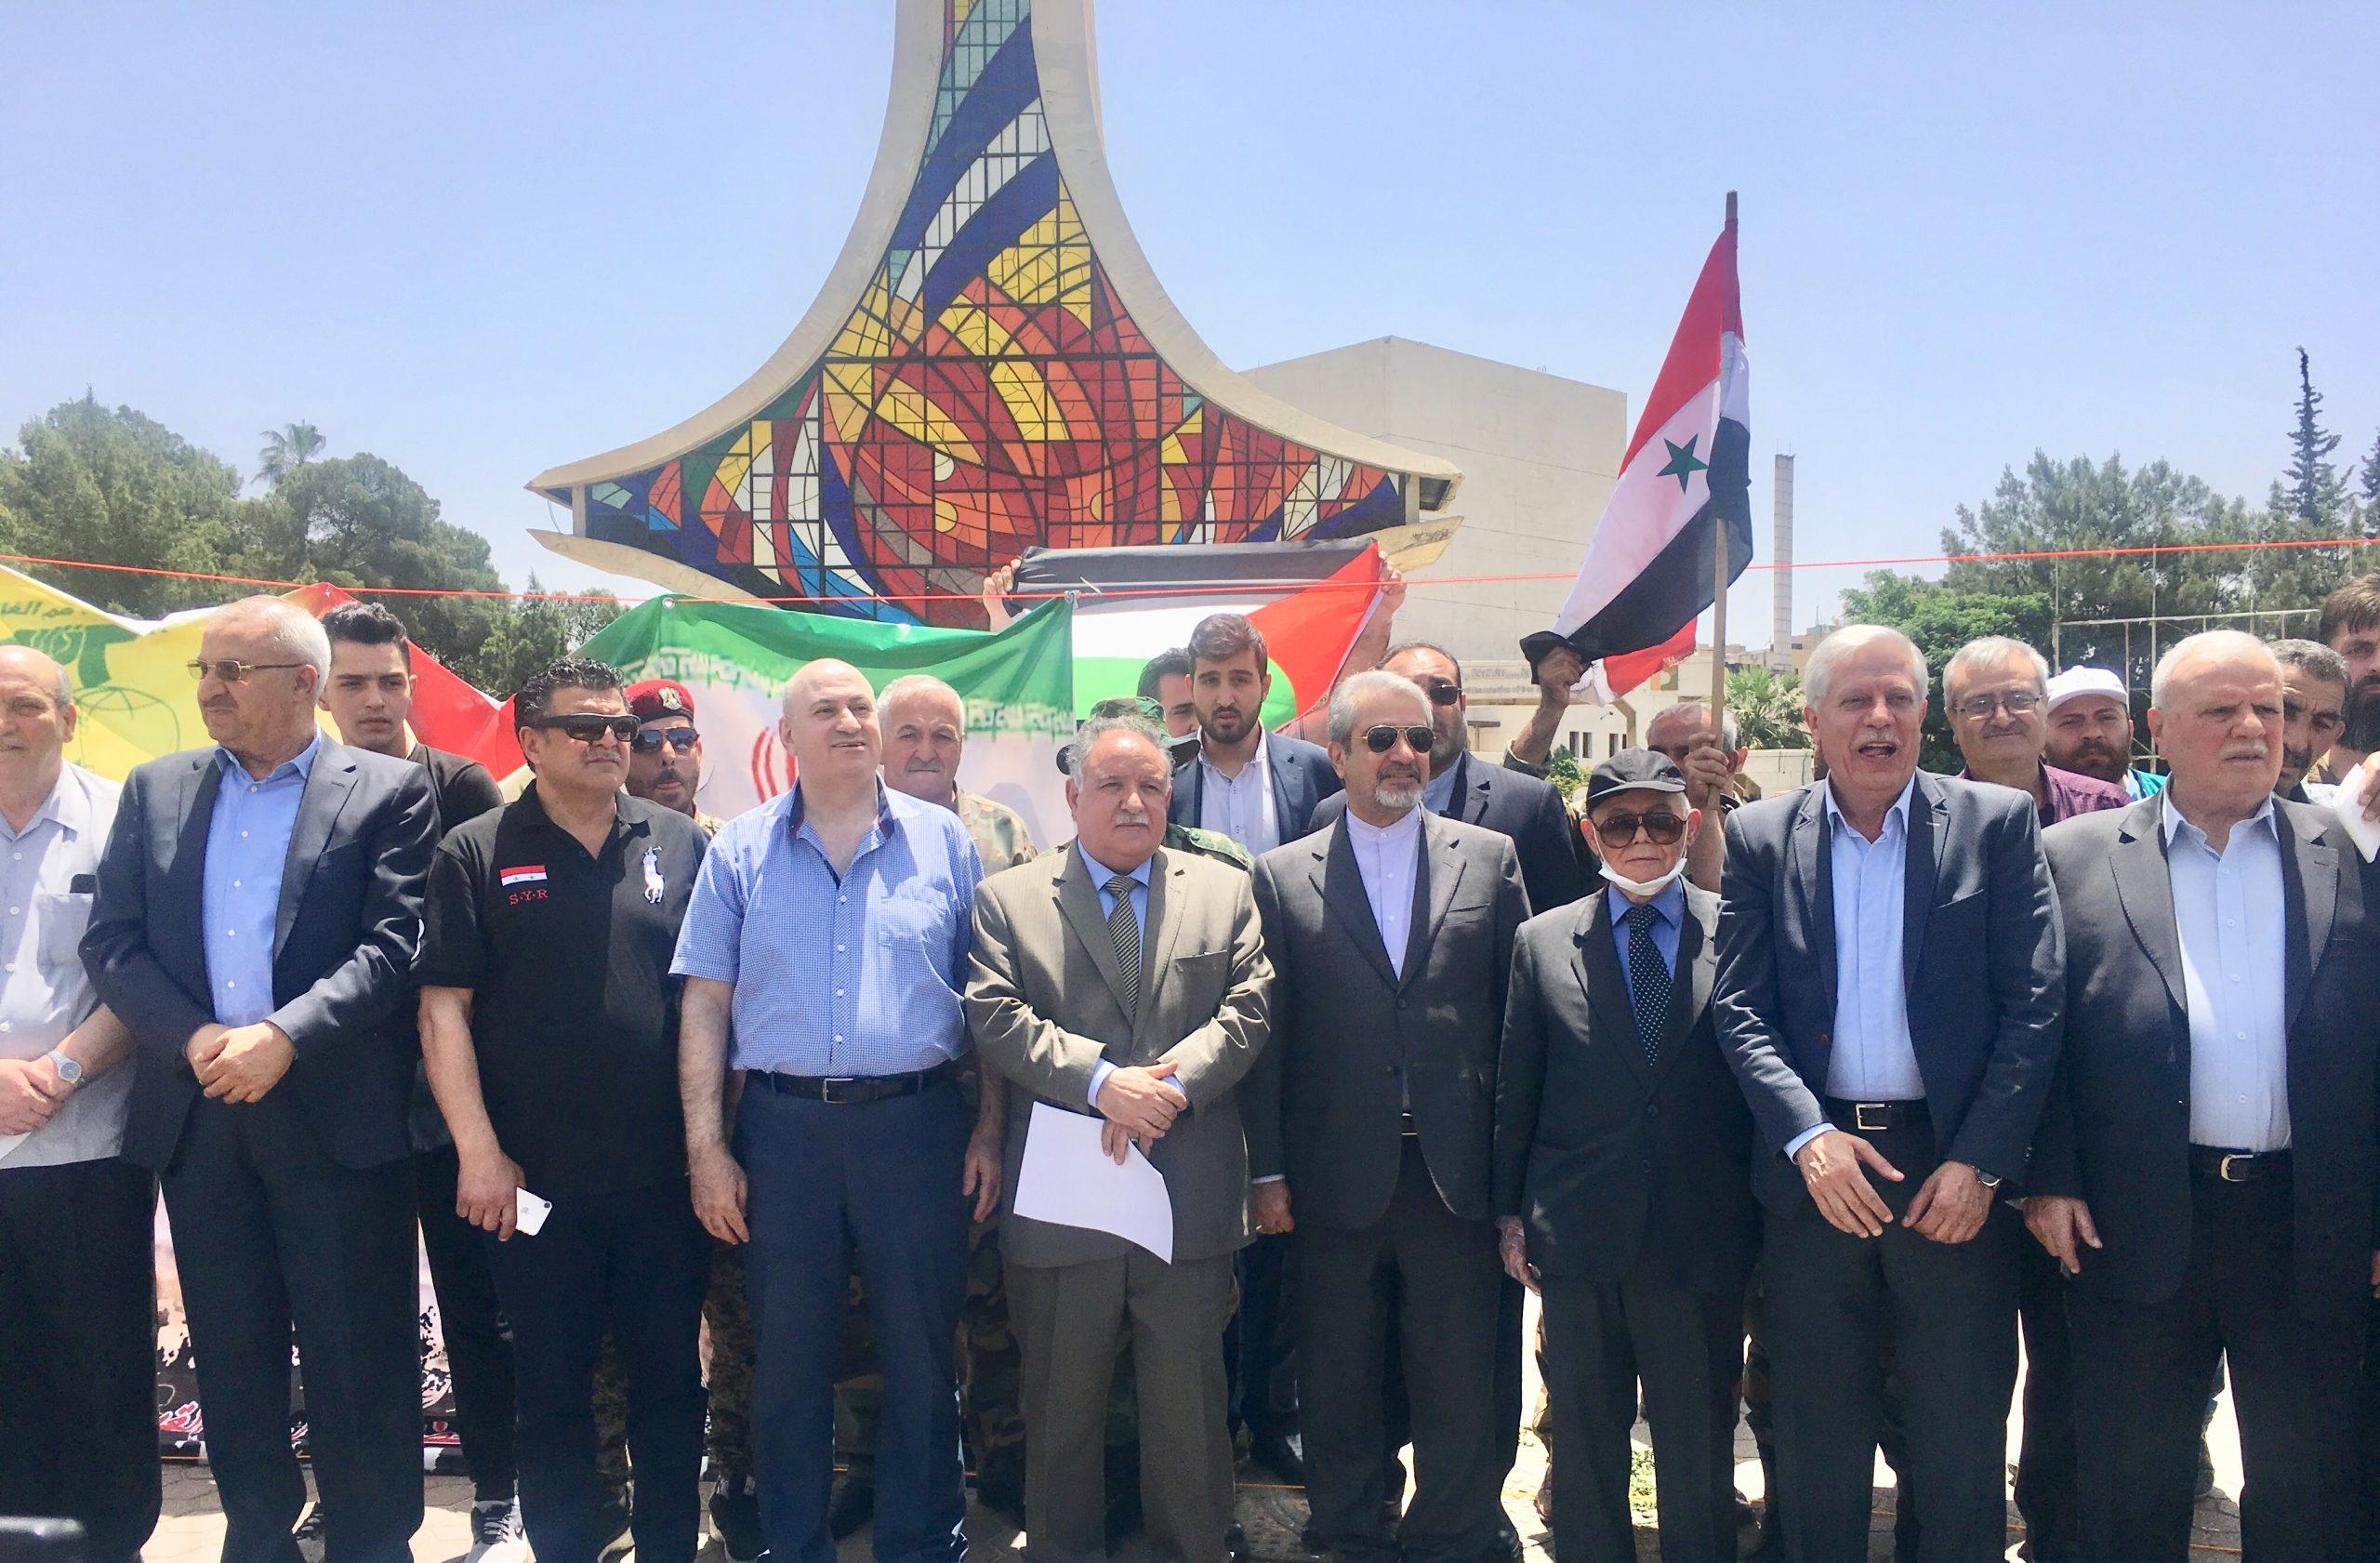 مسيرة سيارات بدمشق إحياء ليوم القدس العالمي… المشاركون: القدس ستبقى مدينة عربية الهوية فلسطينية